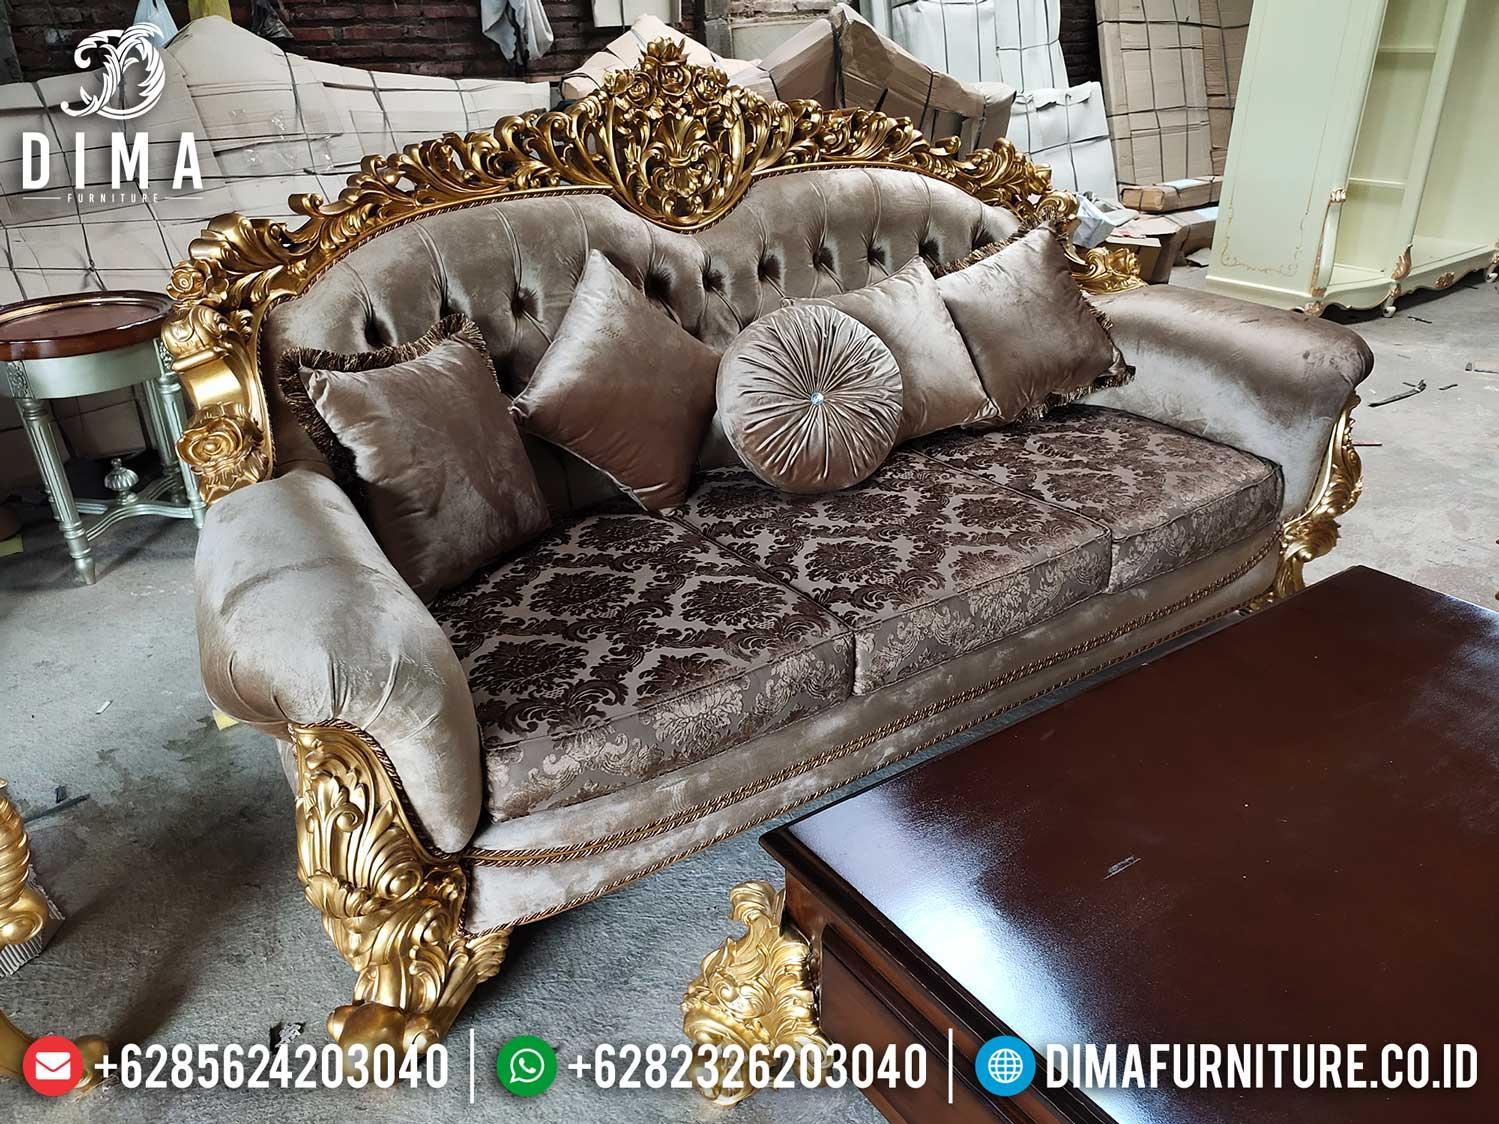 Jual Sofa 3 Dudukan Mewah Desain Ruang Tamu Luxury Inspiring Mebel Jepara TTJ-1279